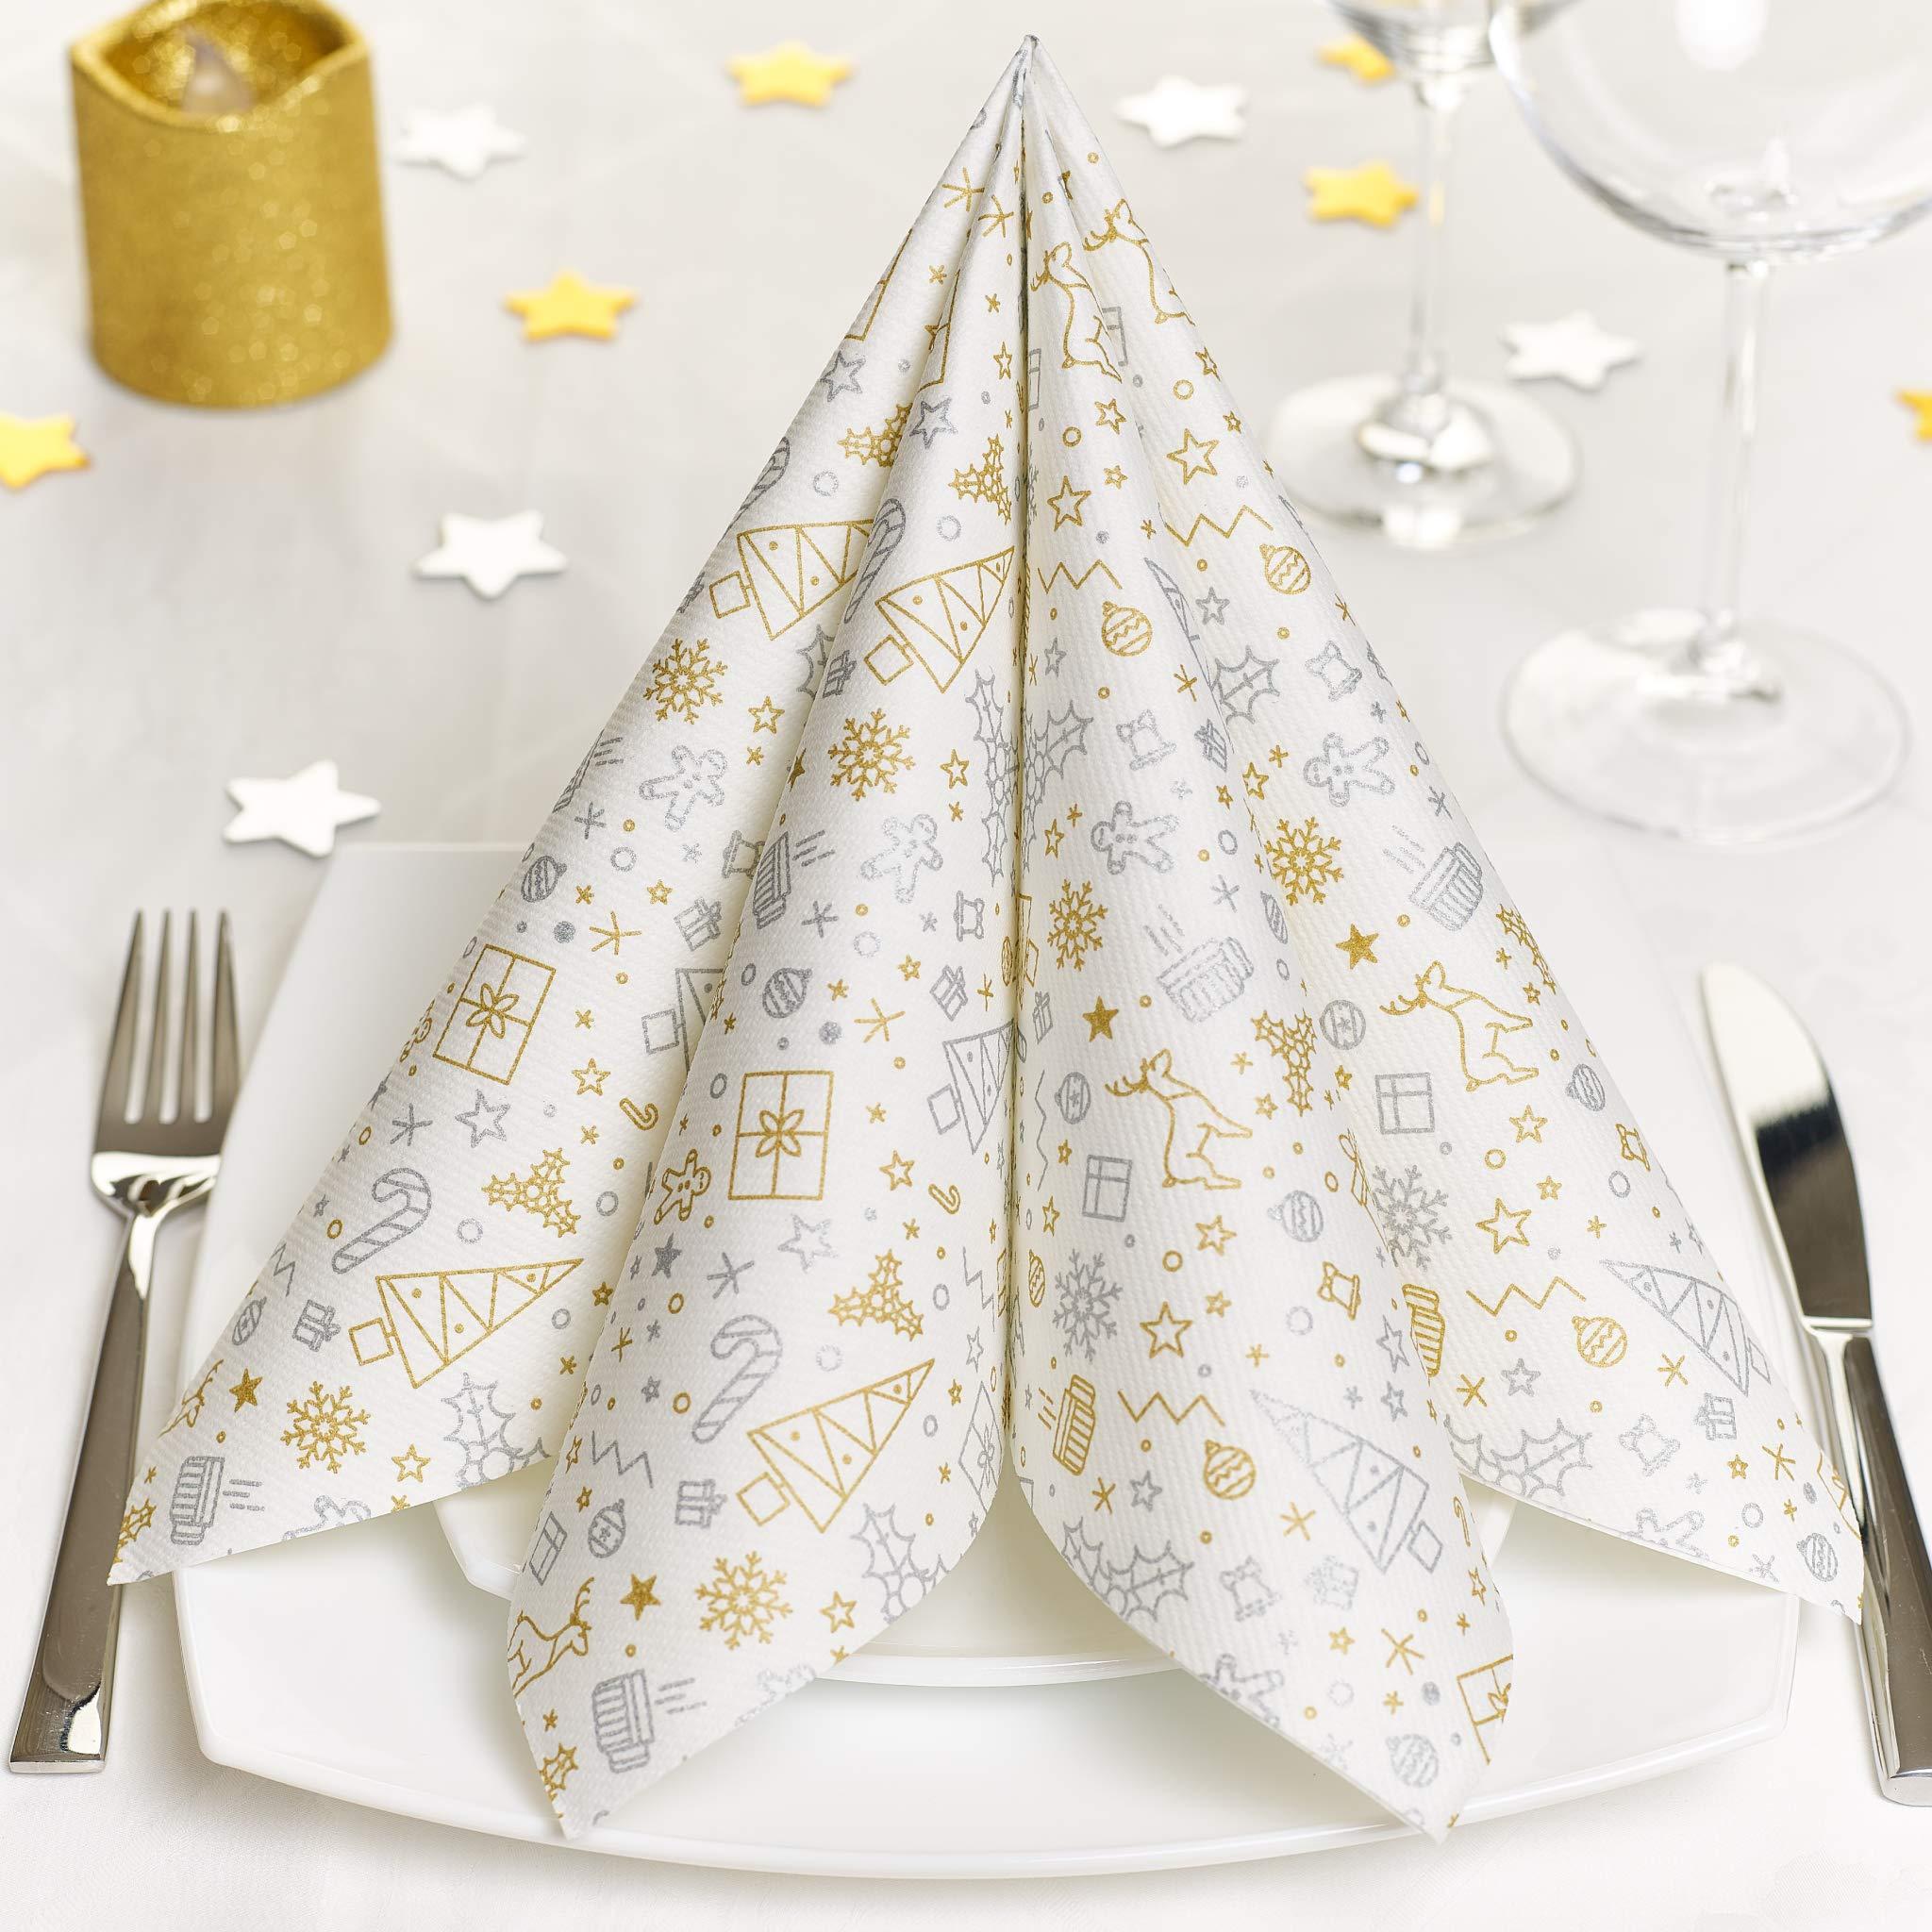 Serviettes moment pure 20 pcs turquoise cocktail serviettes Décoration de table mariage